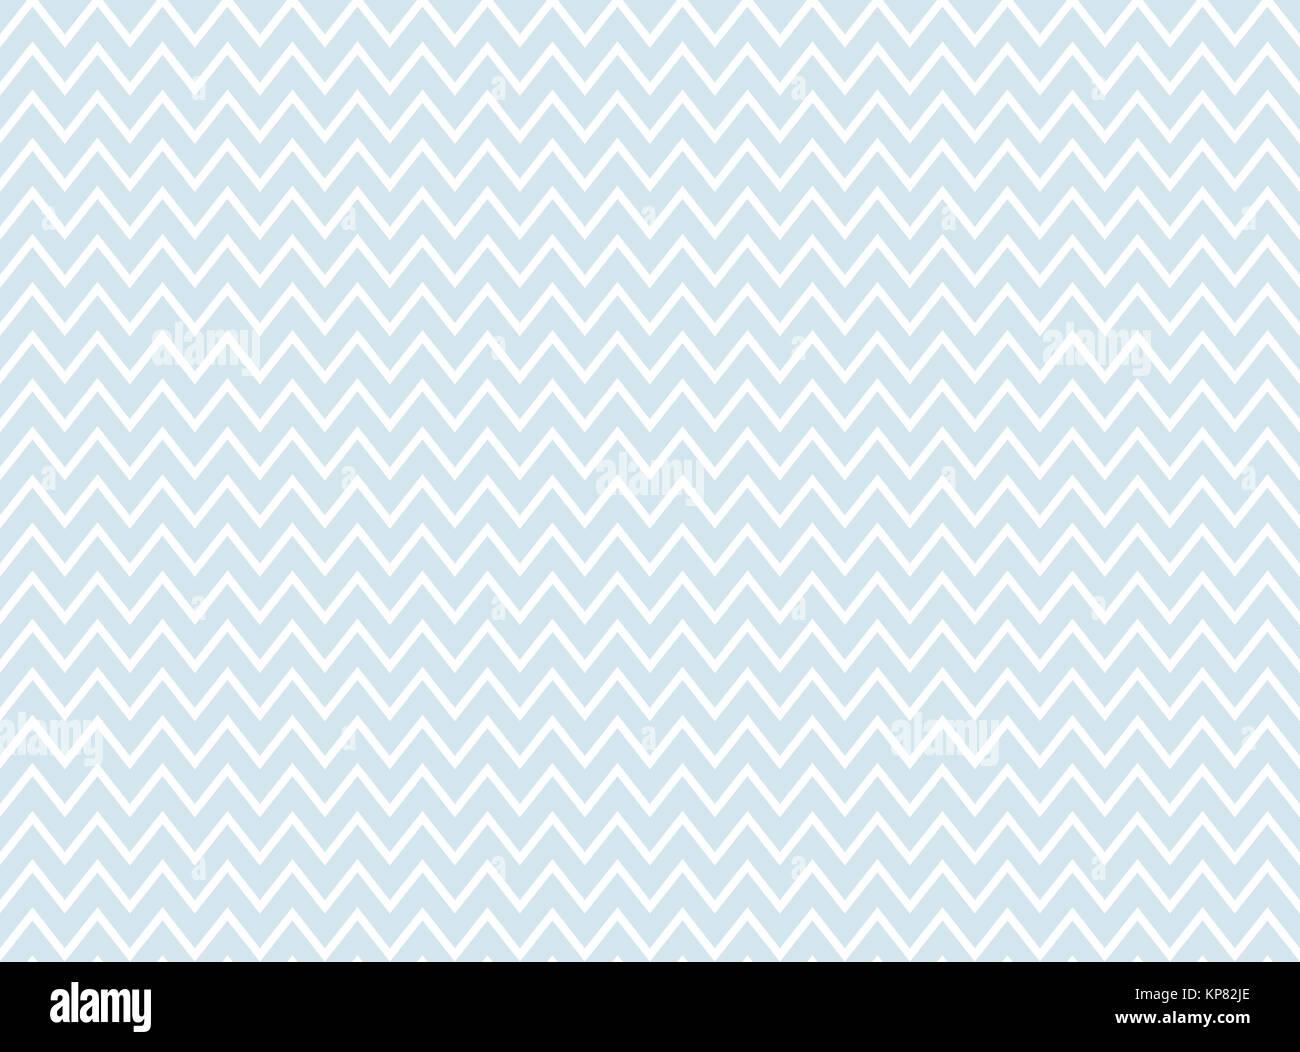 Hintergrund mit zacken muster in hellblau und wei stock for Tapete hellblau muster